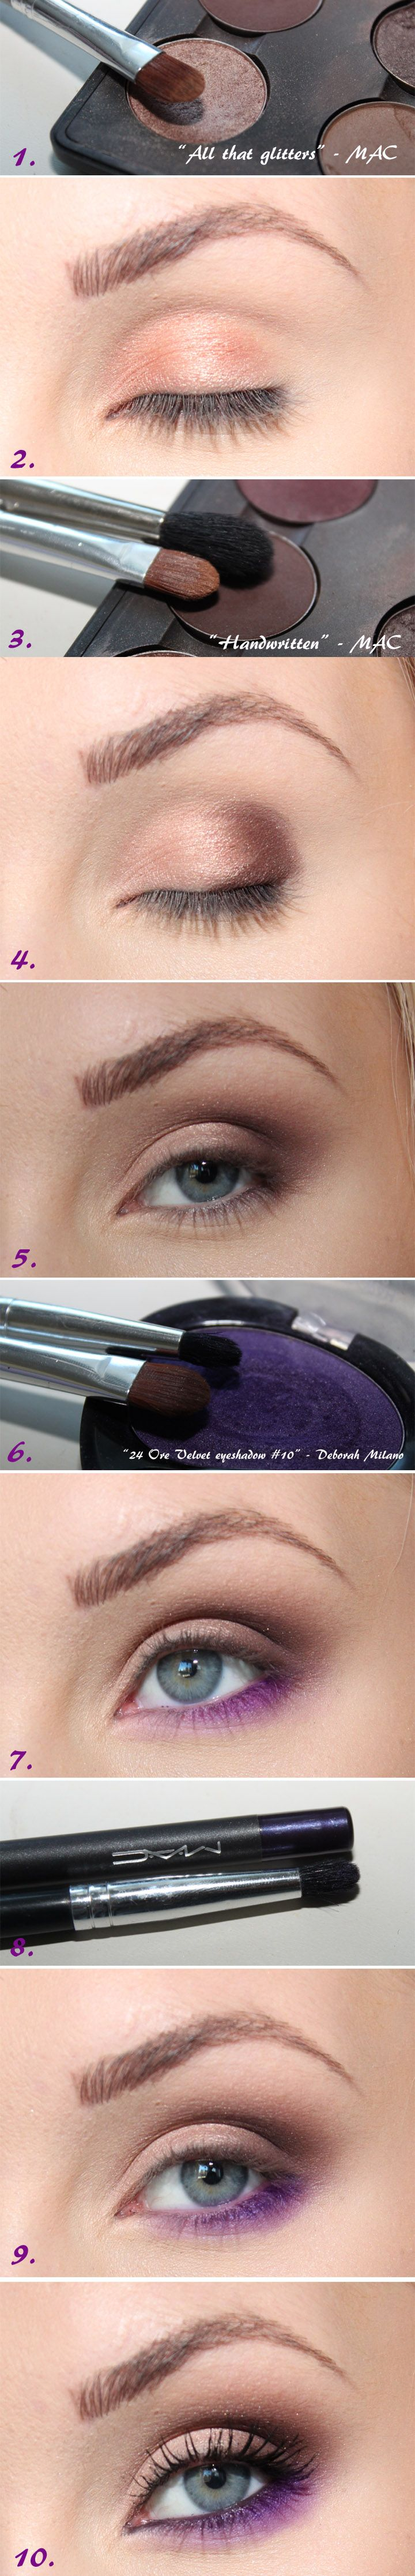 Här kommer tutorialen på sminkningen med brunt och lila. Perfekt om man vill använda färg, man inte så mycket. Passar alla ögonfärger! Speciellt grönt, och bruna ögon med inslag av gult. Du behöver:...